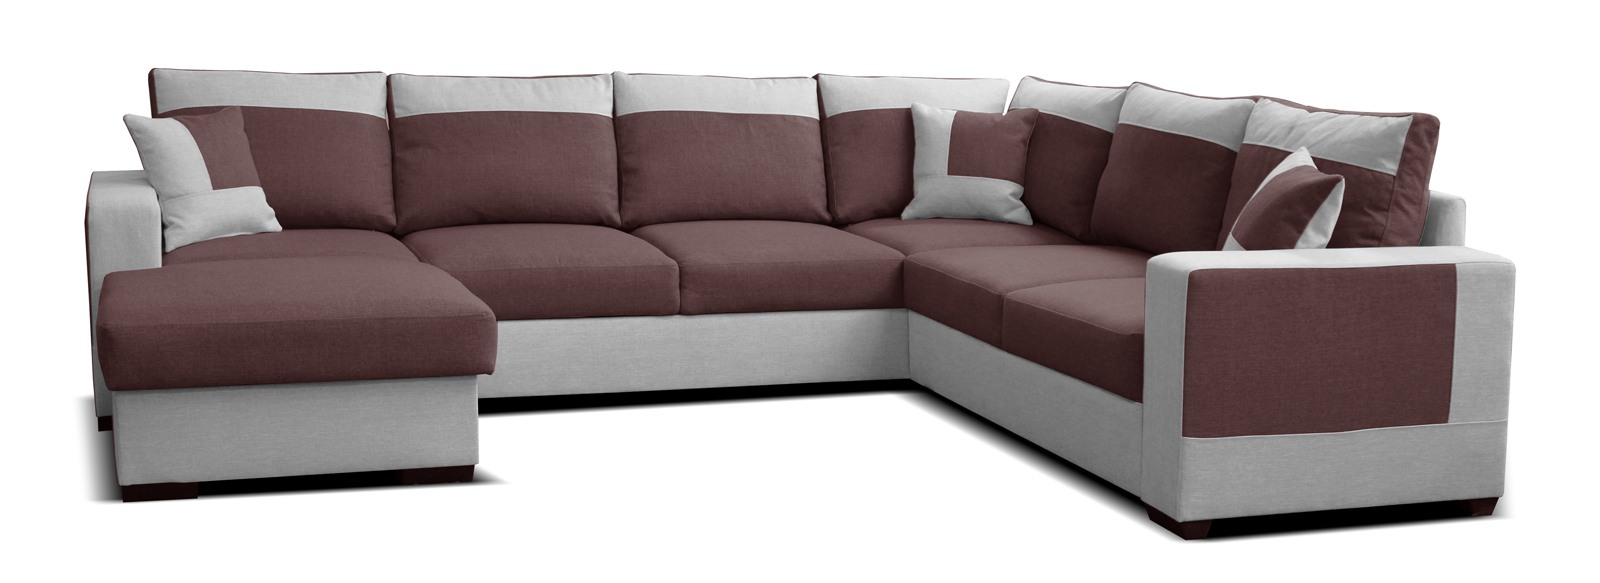 Rohová sedací souprava U - Po-Sed - Mega L+2F+A+2 (bordó + šedá) (L)